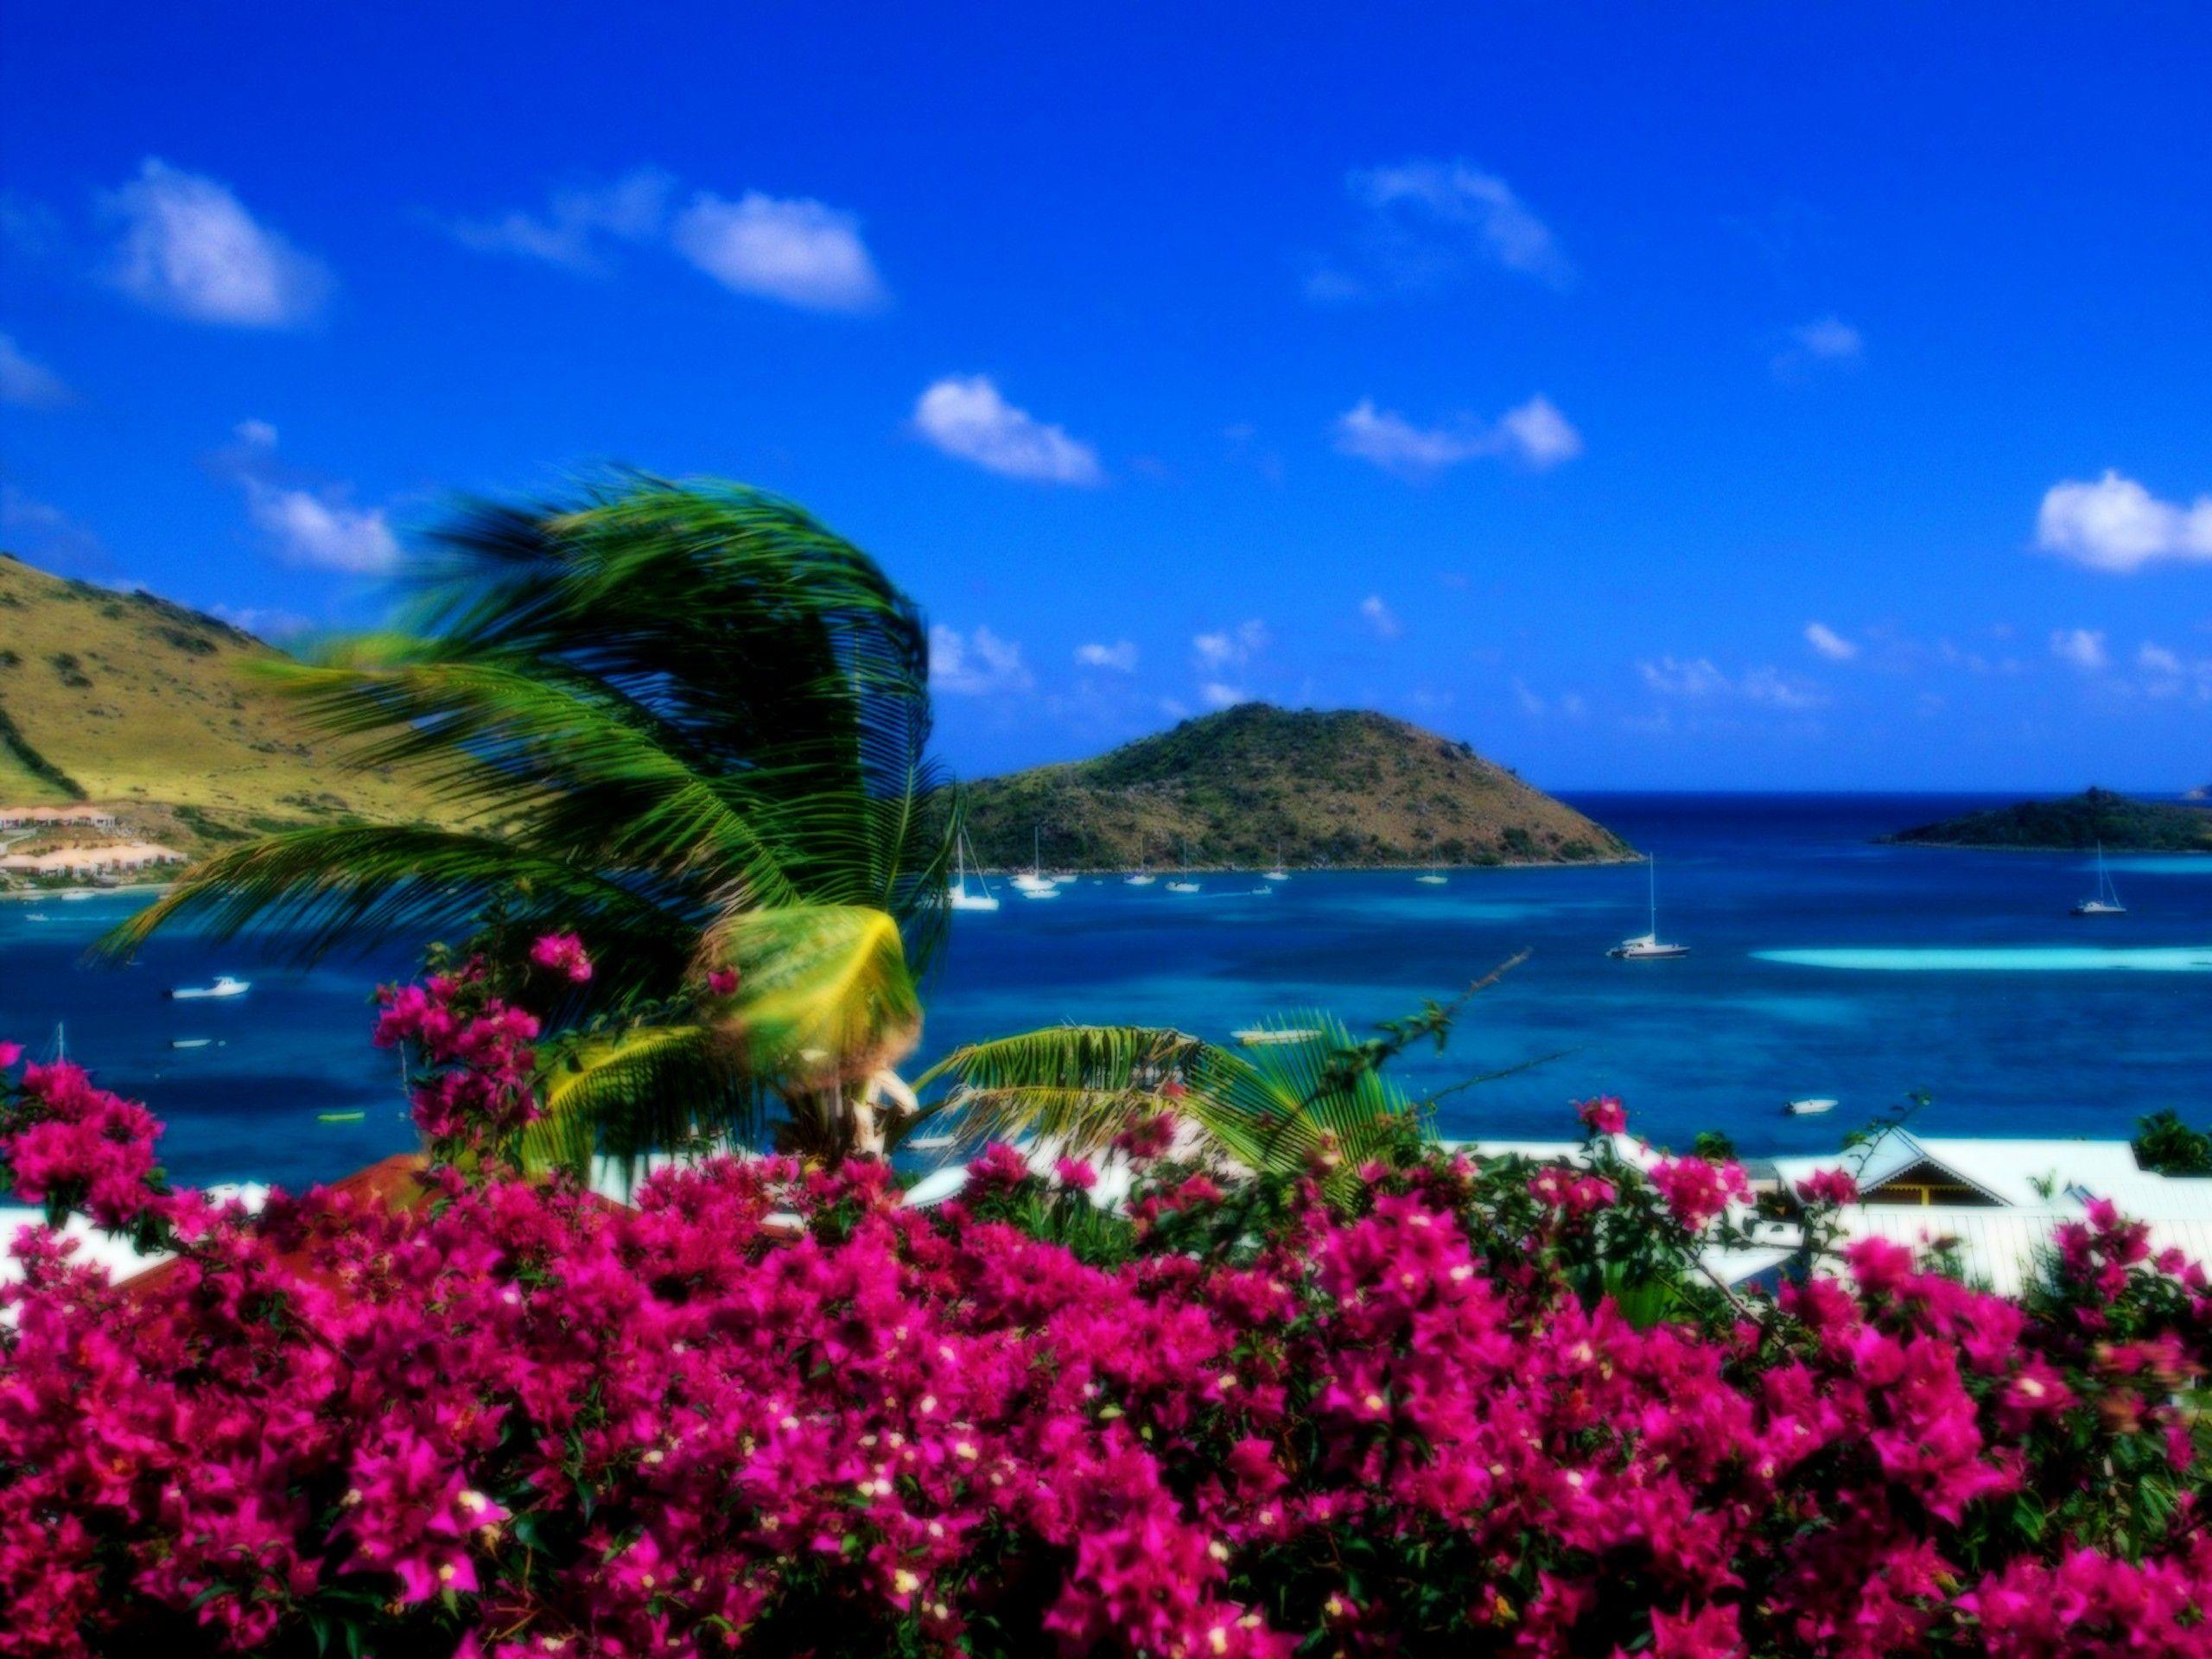 Wallpapers For > Beautiful Ocean Scenery Wallpaper